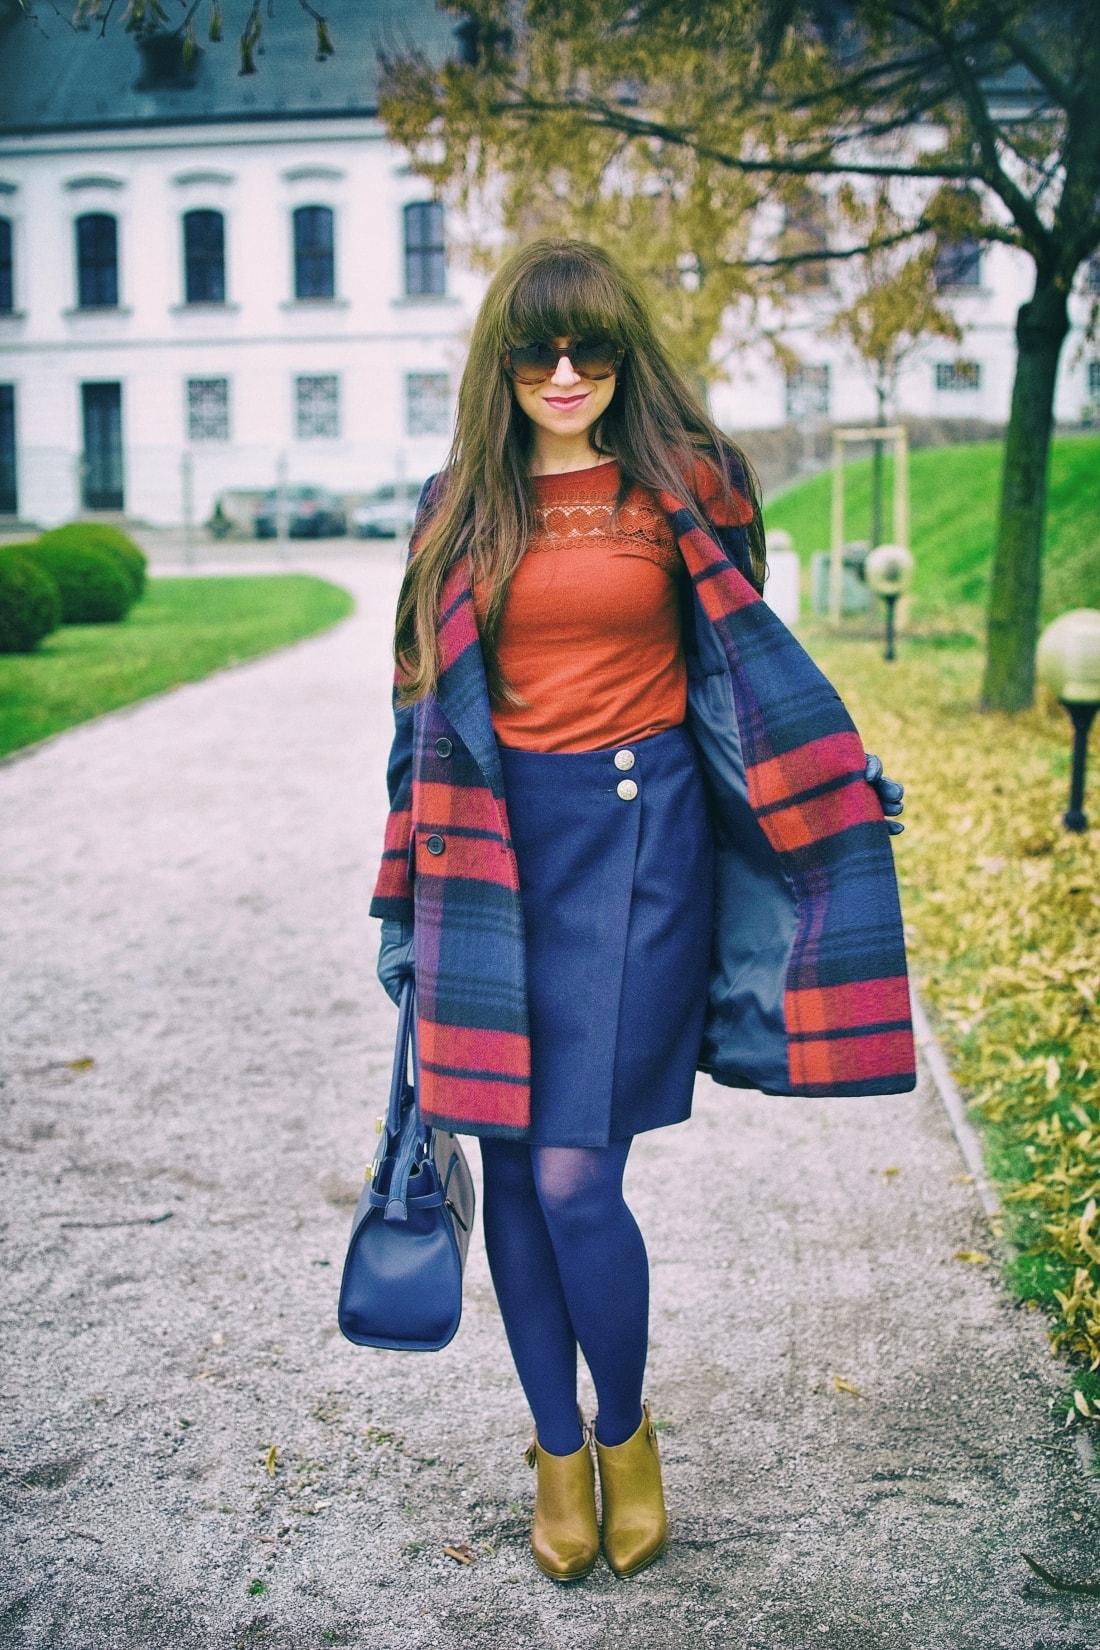 Tvoj osobný upgrade_Katharine-fashion is beautiful_blog 4_vzorovaný kabát_elegancia_bordovomodrá_Katarína Jakubčová_Fashion blogger